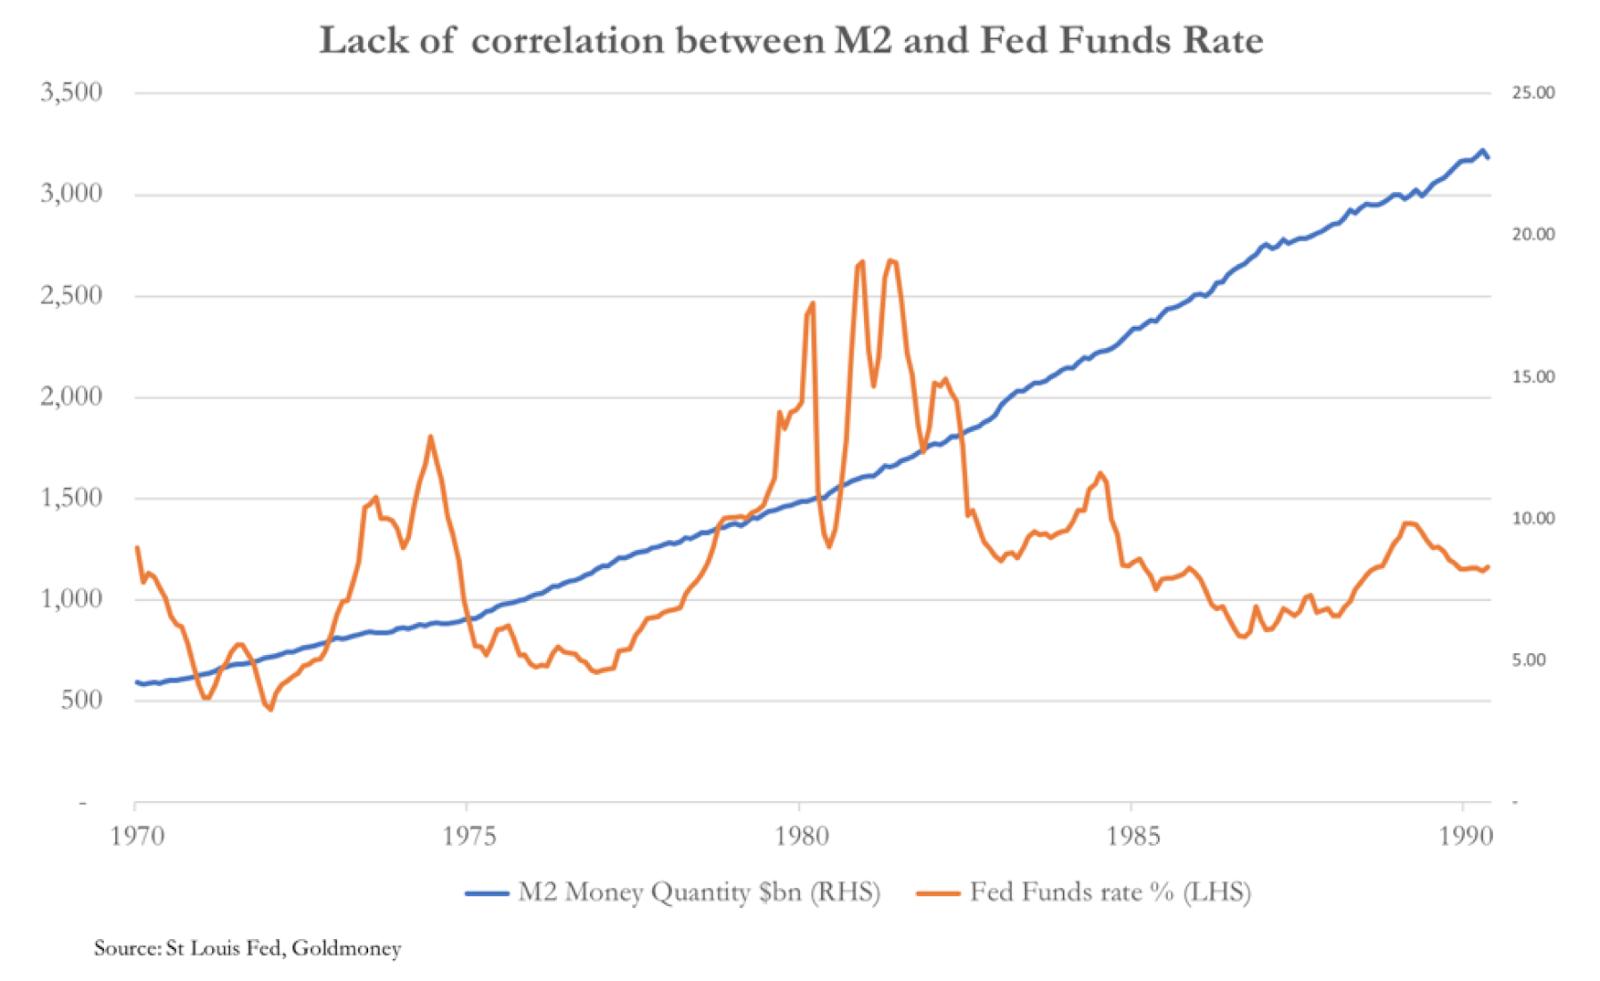 a496100753 La ragione per riportare alla mente questi decenni è che la volatilità dei  tassi d'interesse era al massimo e gli effetti dovevano essere più evidenti.